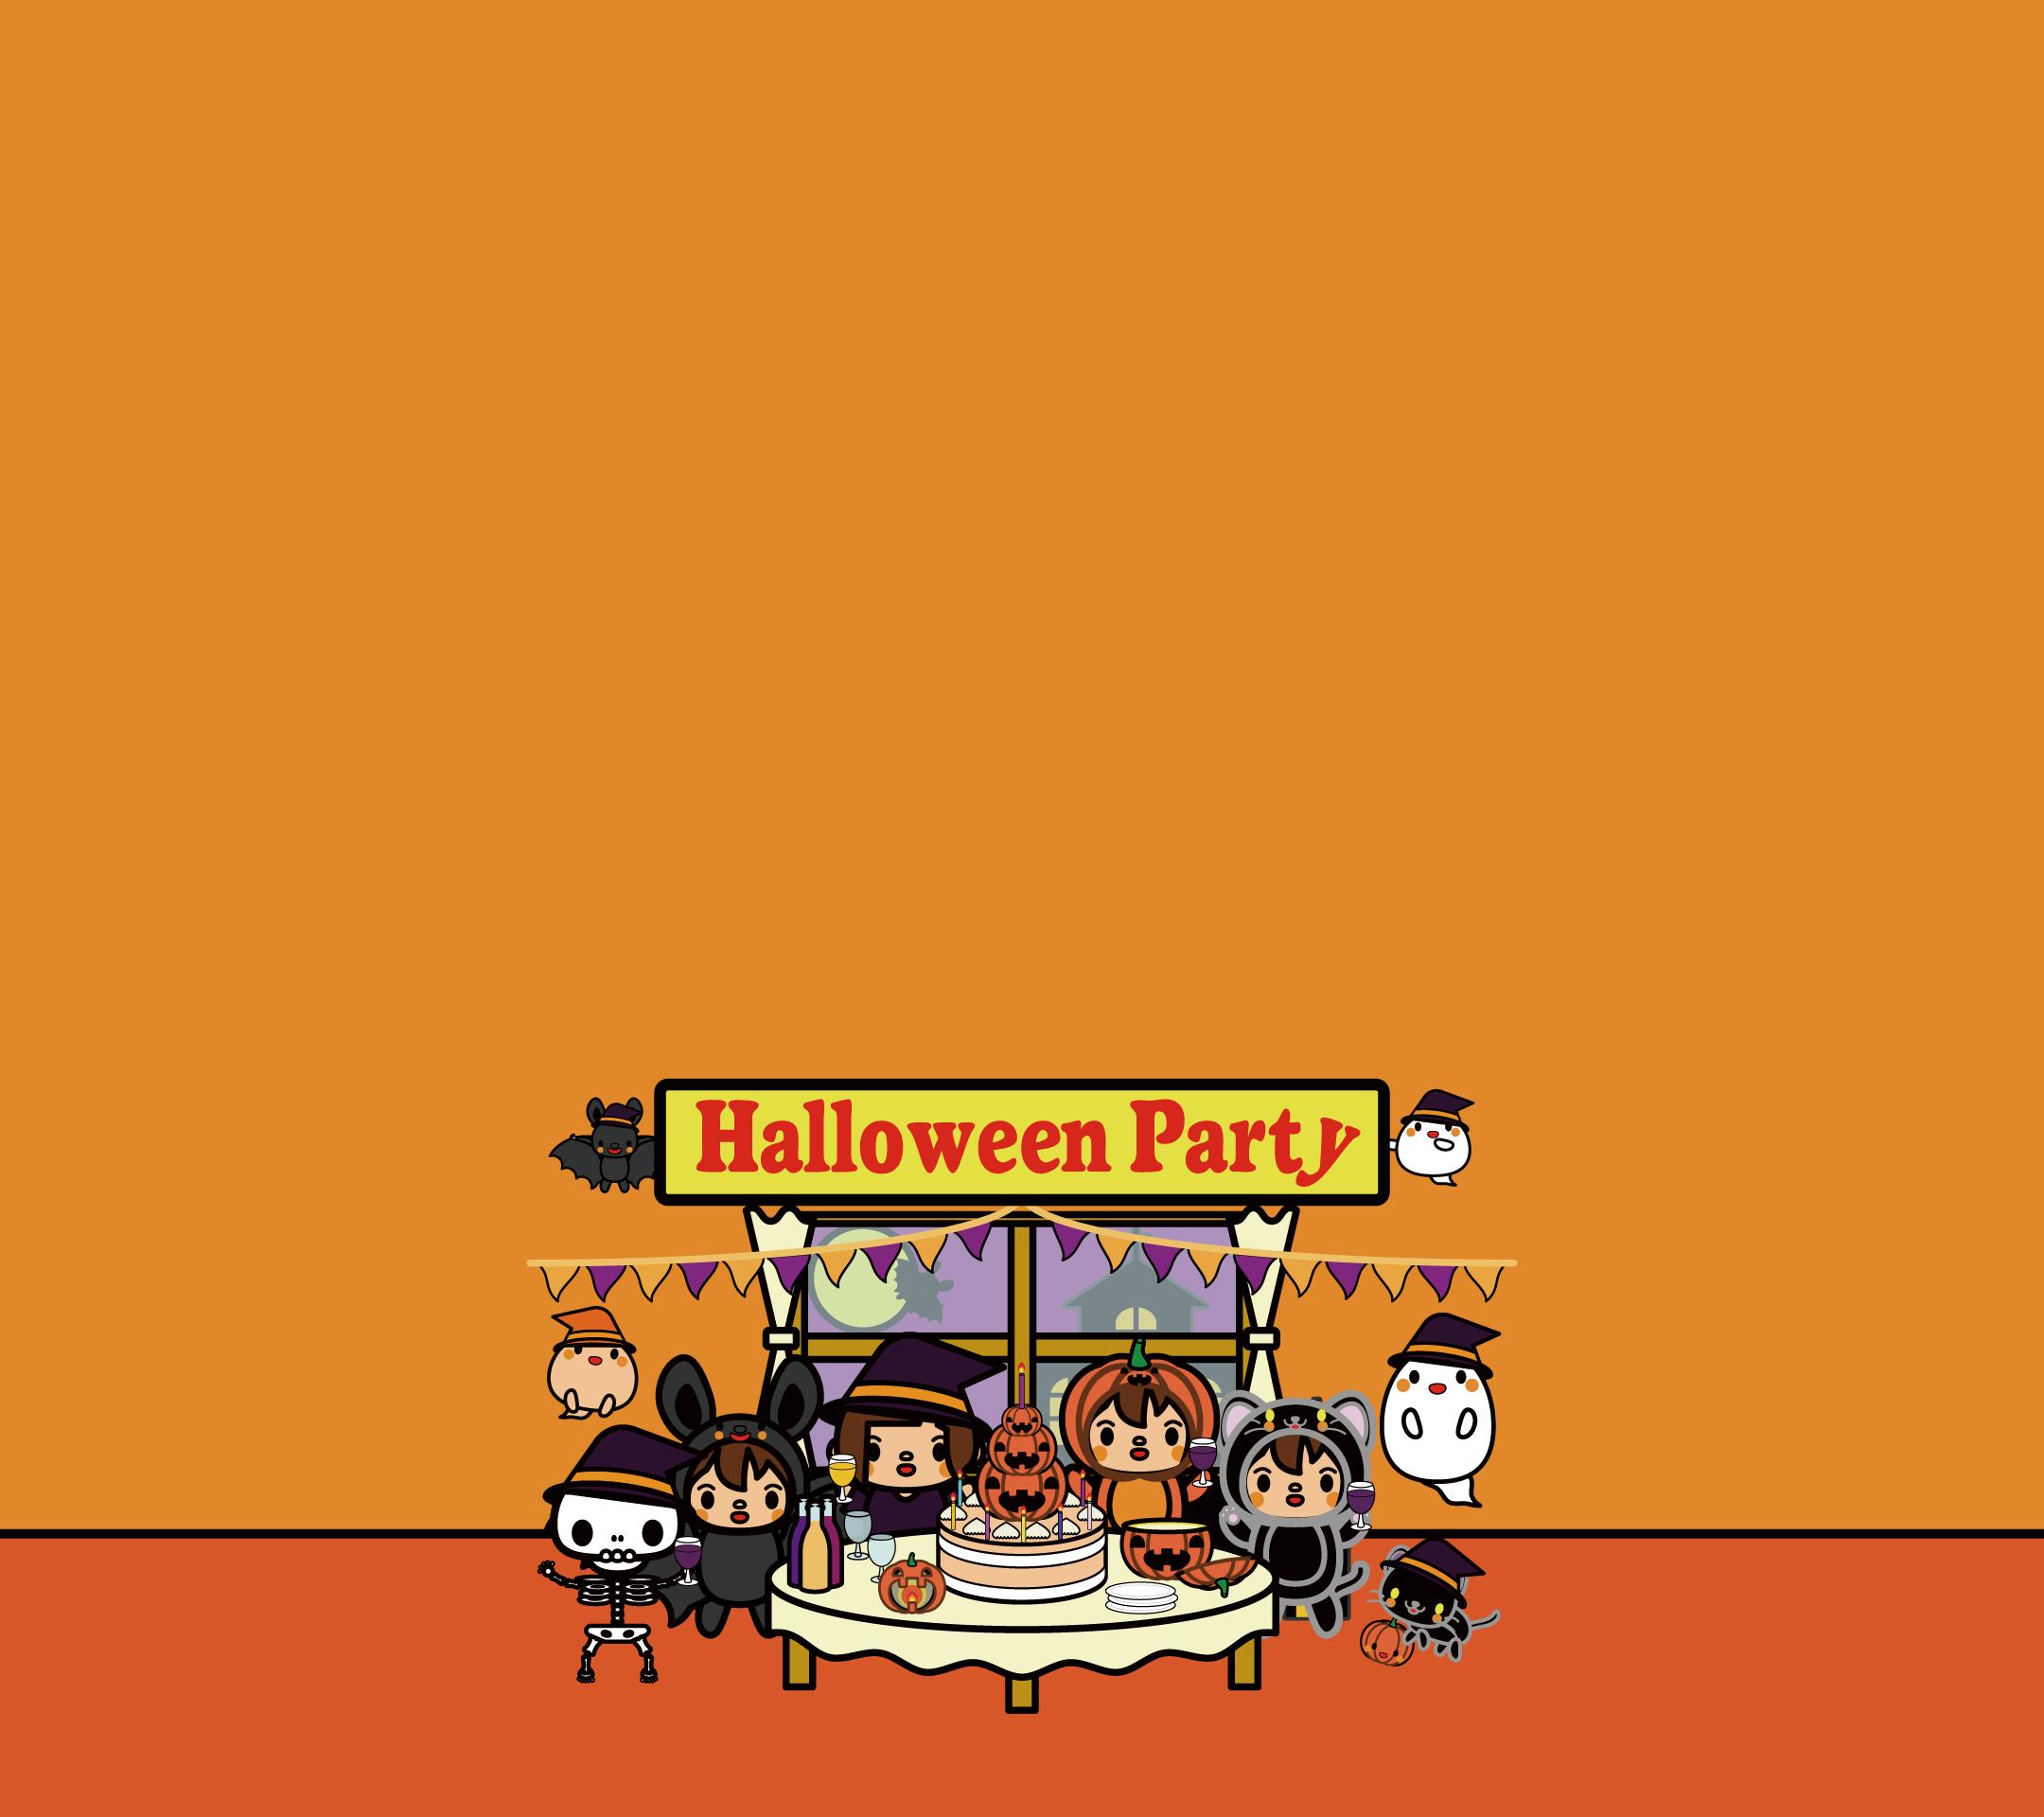 かわいいハロウィンパーティー壁紙(Android)の無料イラスト・商用フリー